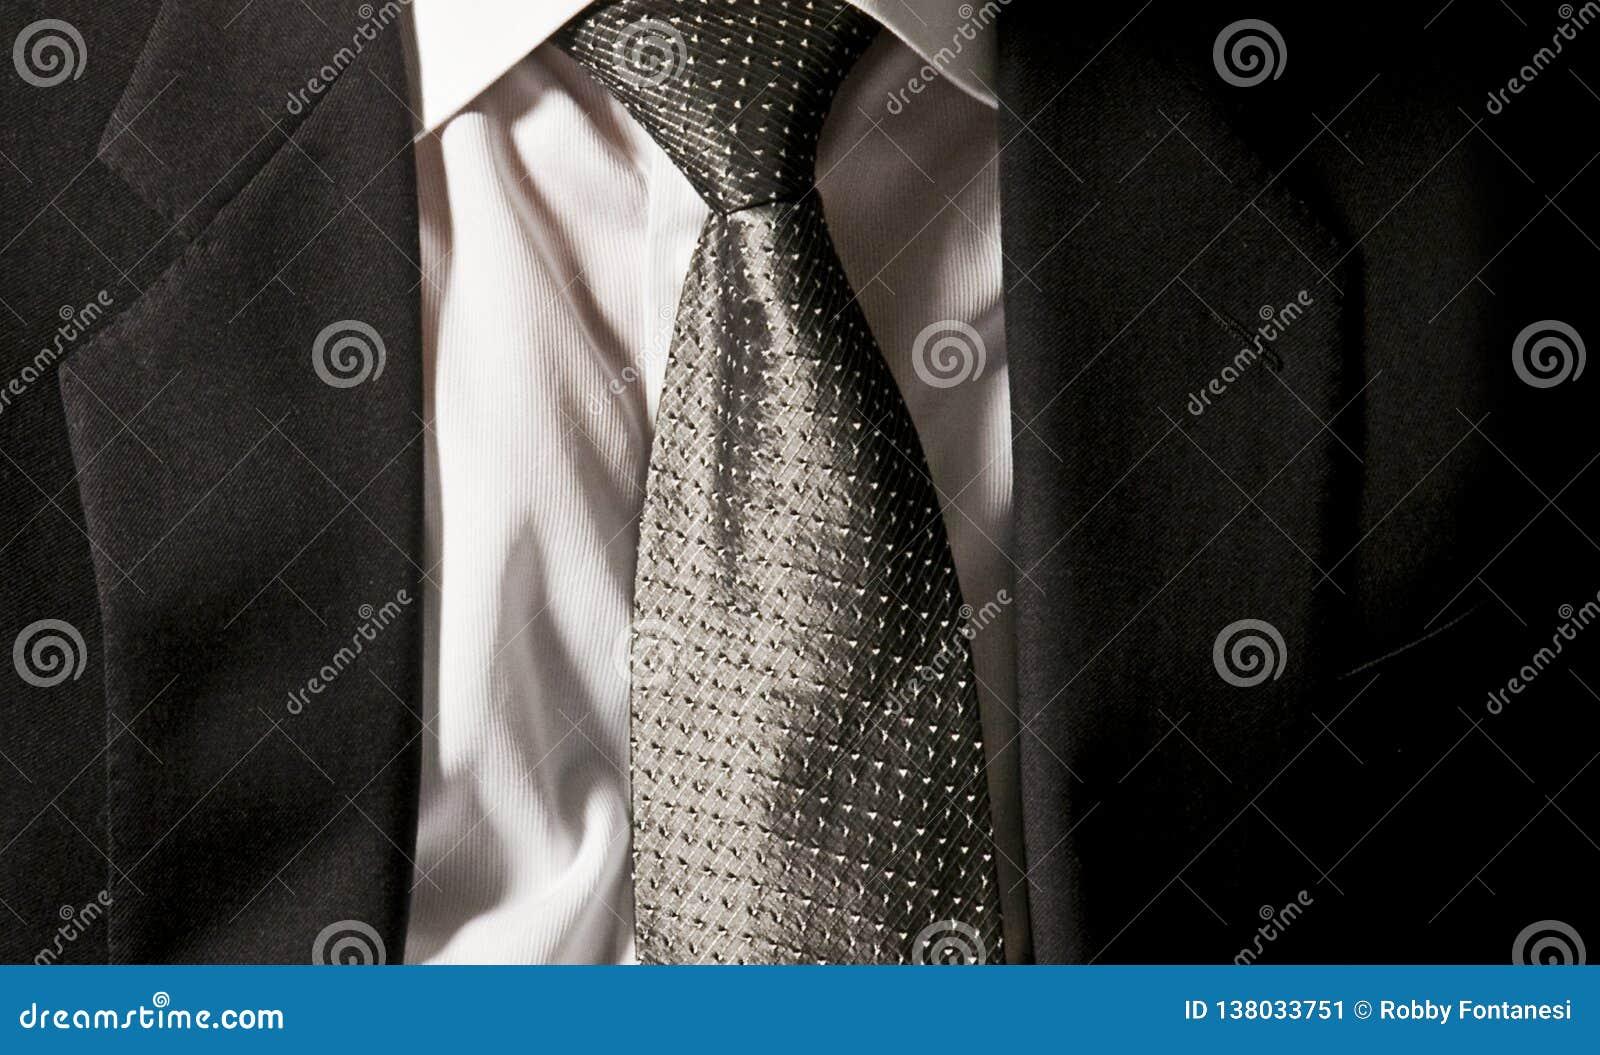 El lazo del jefe El hombre de negocios está llevando su chaqueta gris oscuro en la camisa blanca con un lazo gris elegante